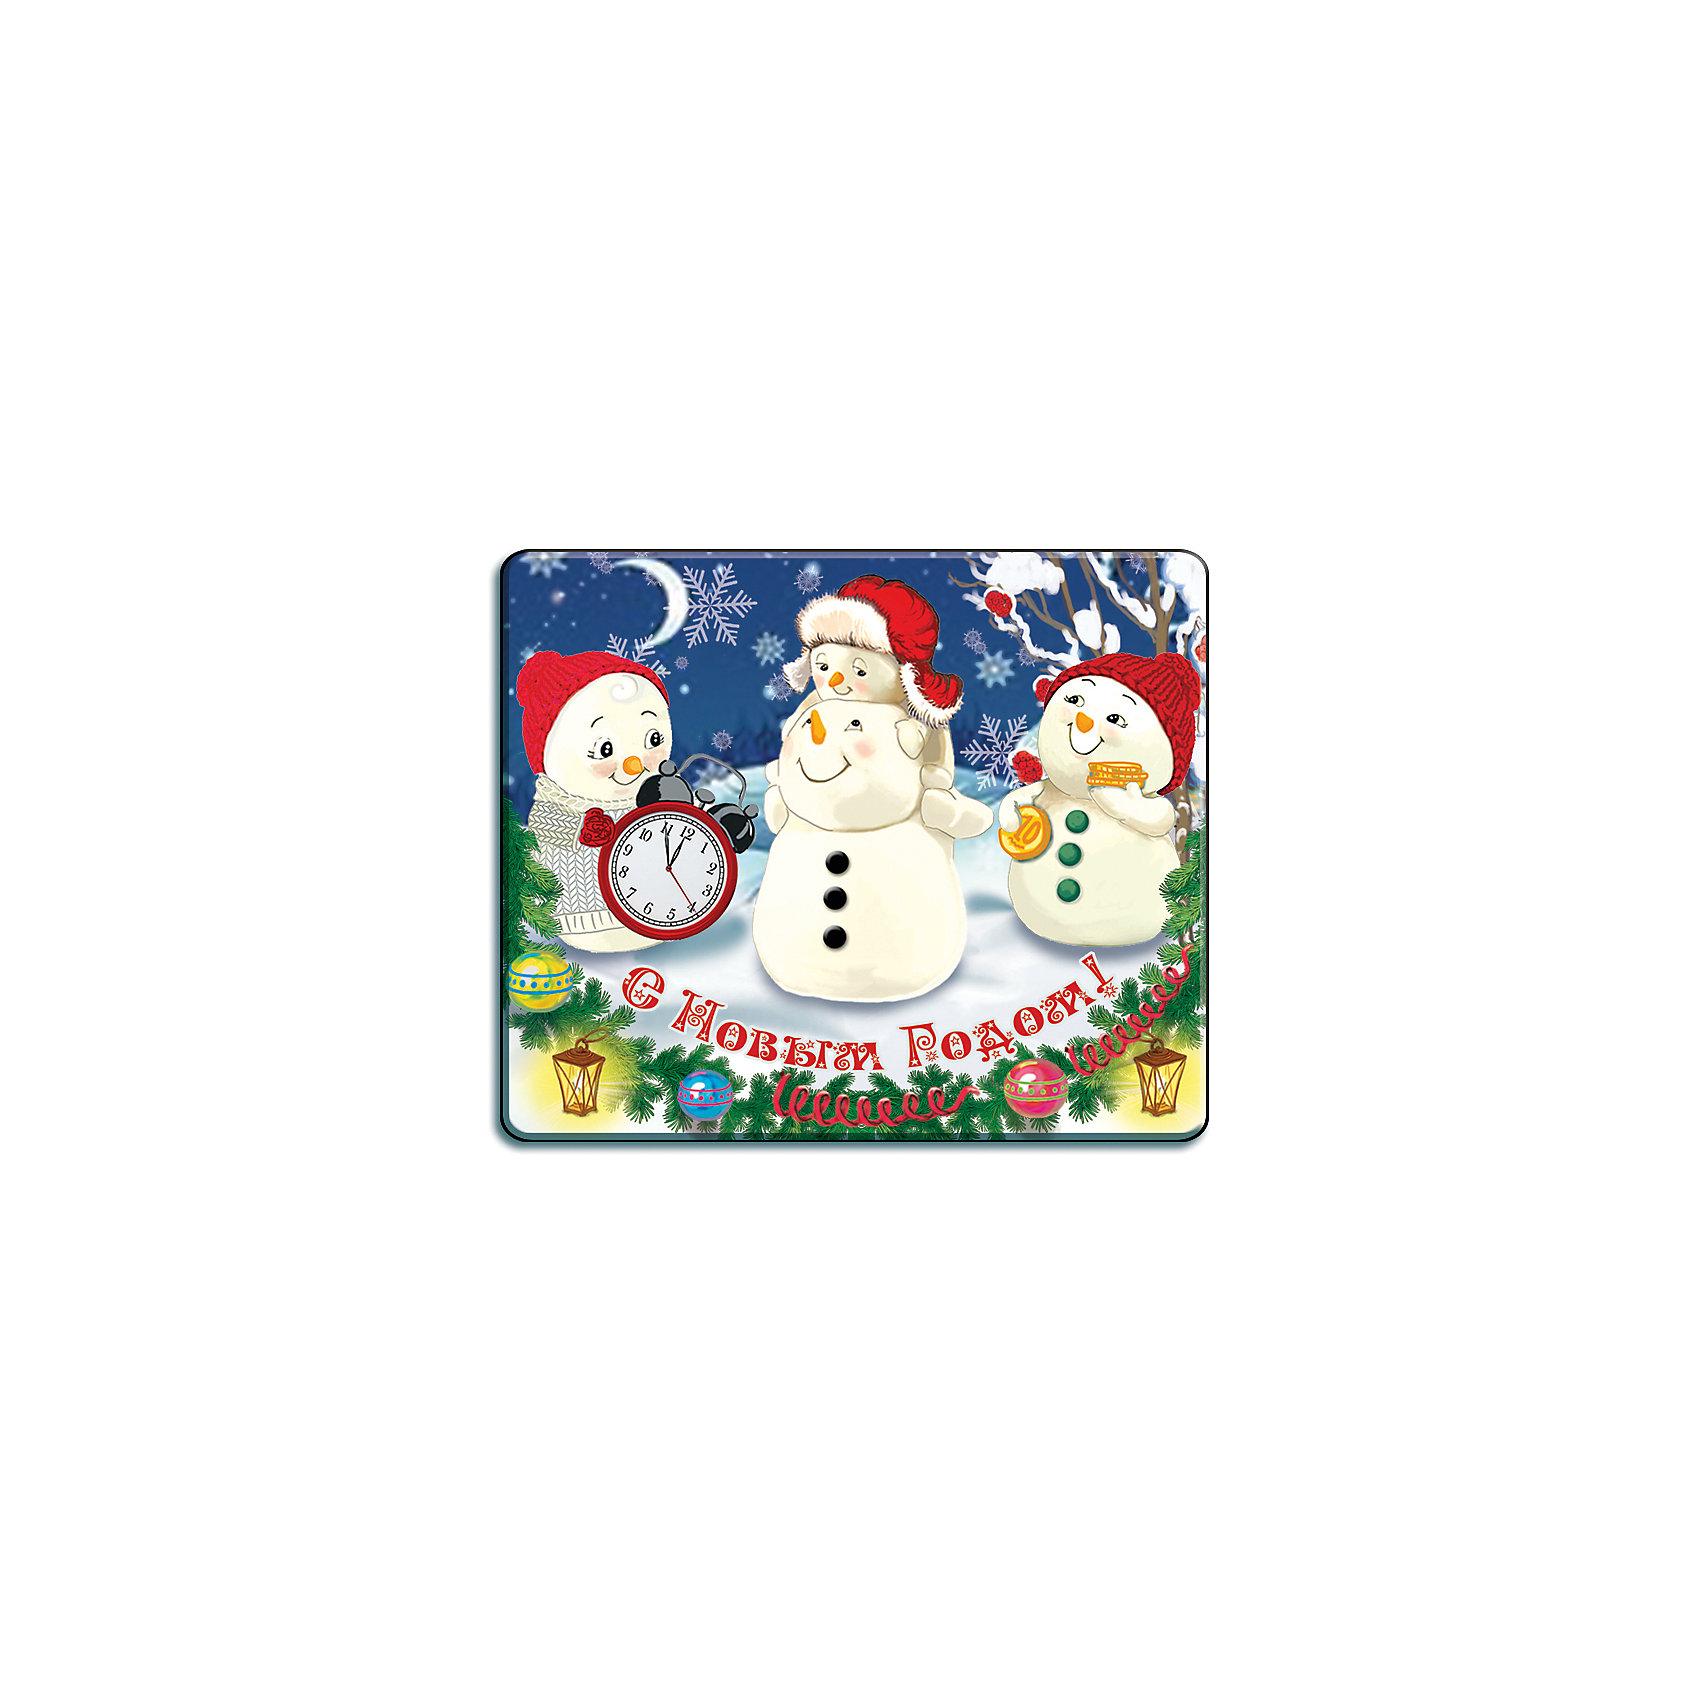 Магнит Снежная семейкаЯркий магнит с новогодней символикой - прекрасный вариант для праздничного сувенира. Магнит можно прикрепить на любую металлическую поверхность, он всегда будет радовать, напоминая о веселом и таком долгожданном для всех празднике! <br><br>Дополнительная информация:<br><br>- Материал: агломерированный феррит. <br>- Размер: 5х6 см.<br>- Яркий привлекательный дизайн. <br><br>Новогодний магнит Снежная семейка можно купить в нашем магазине.<br><br>Ширина мм: 100<br>Глубина мм: 100<br>Высота мм: 10<br>Вес г: 260<br>Возраст от месяцев: 36<br>Возраст до месяцев: 2147483647<br>Пол: Унисекс<br>Возраст: Детский<br>SKU: 4981324